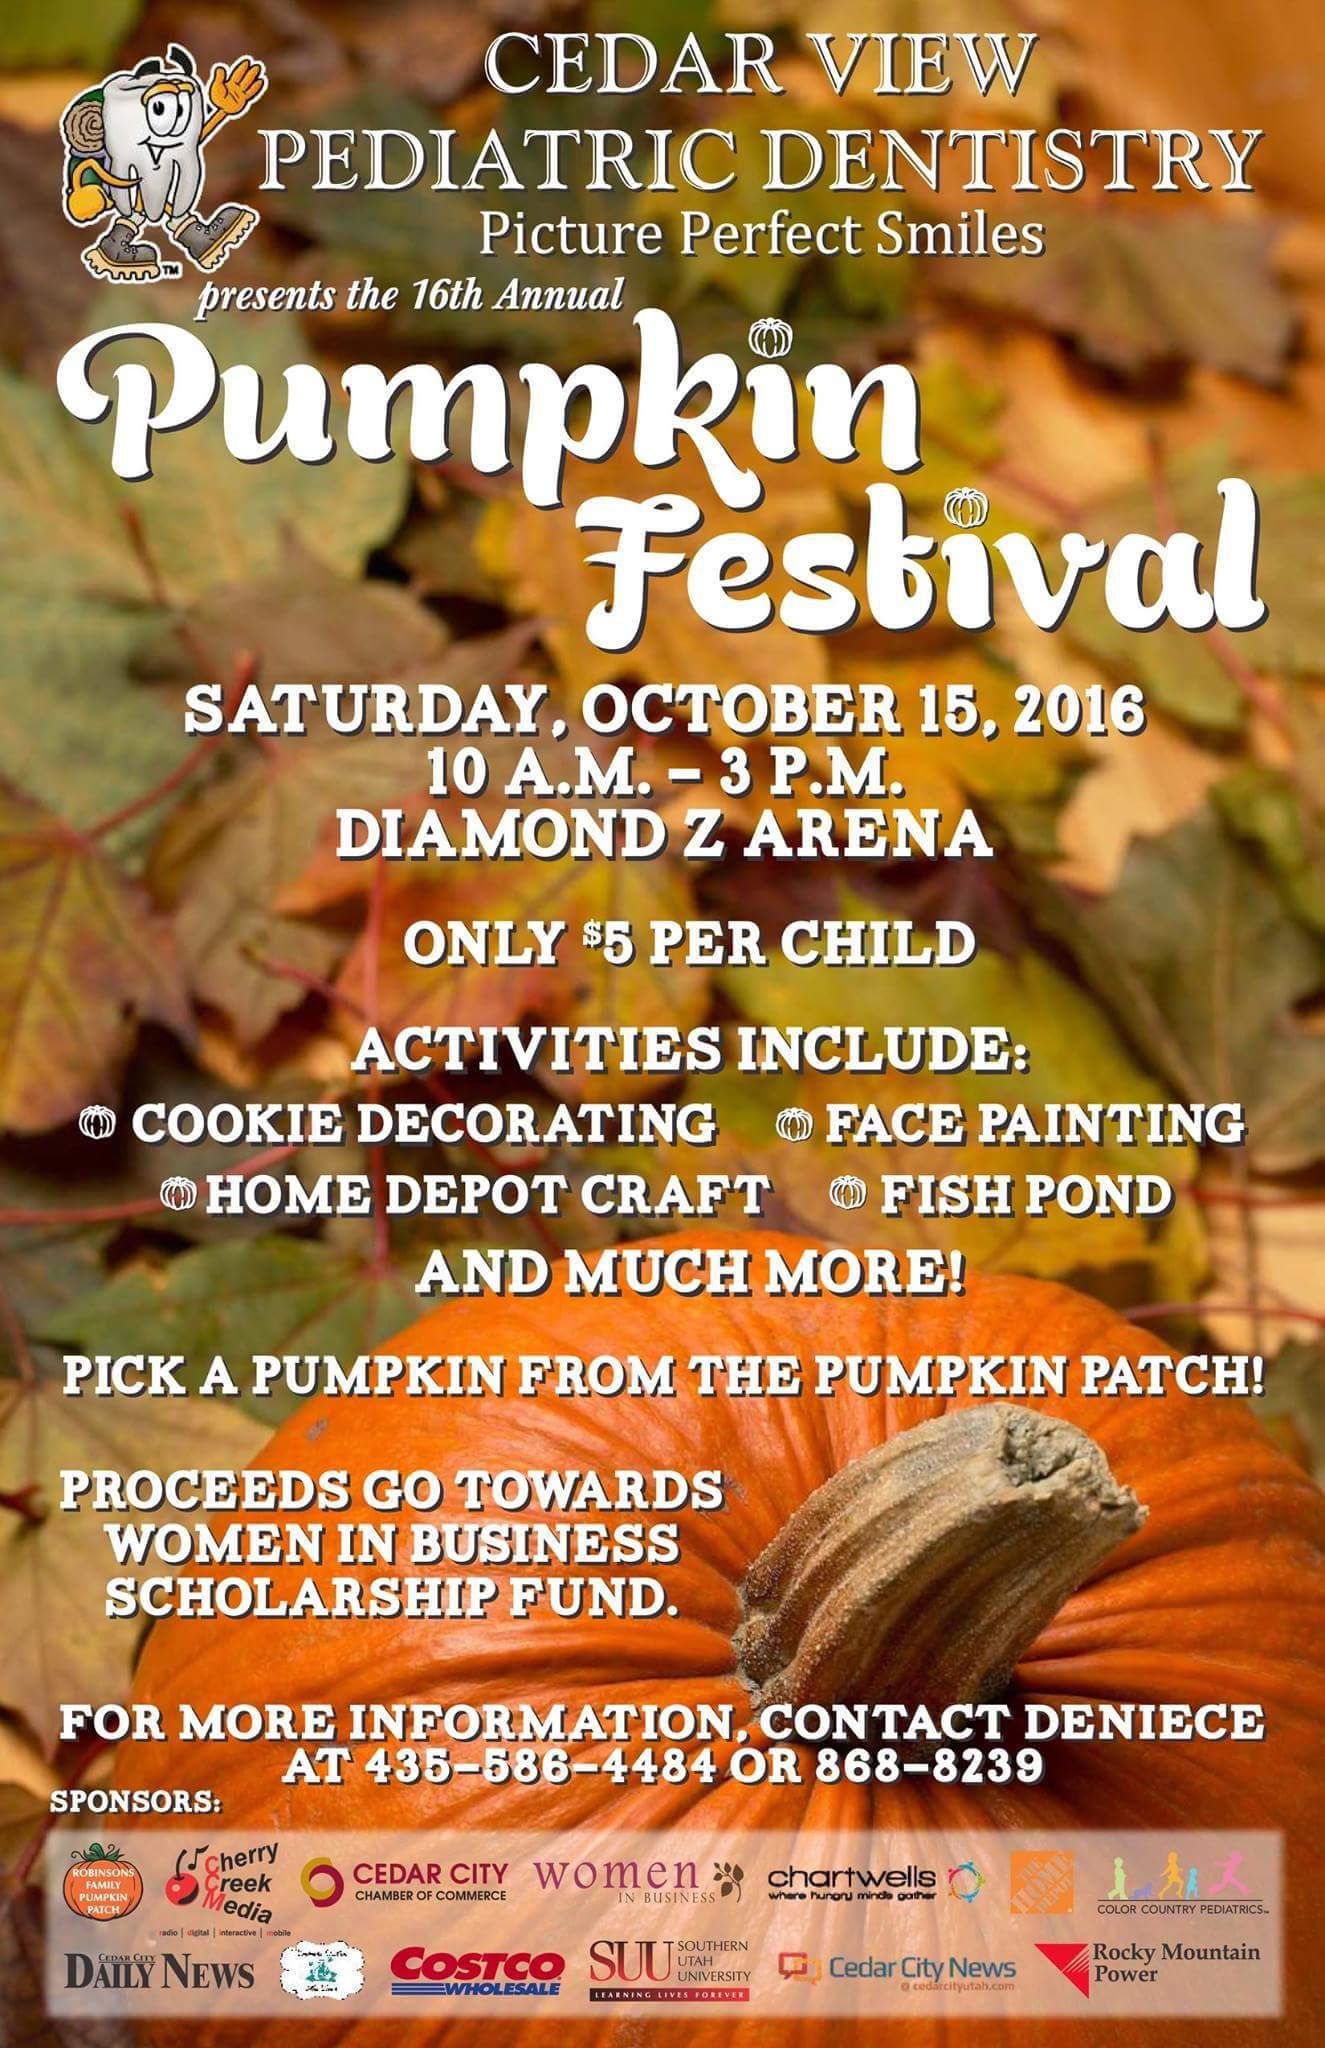 Pumpkin Festival Cedarcitypictures Com